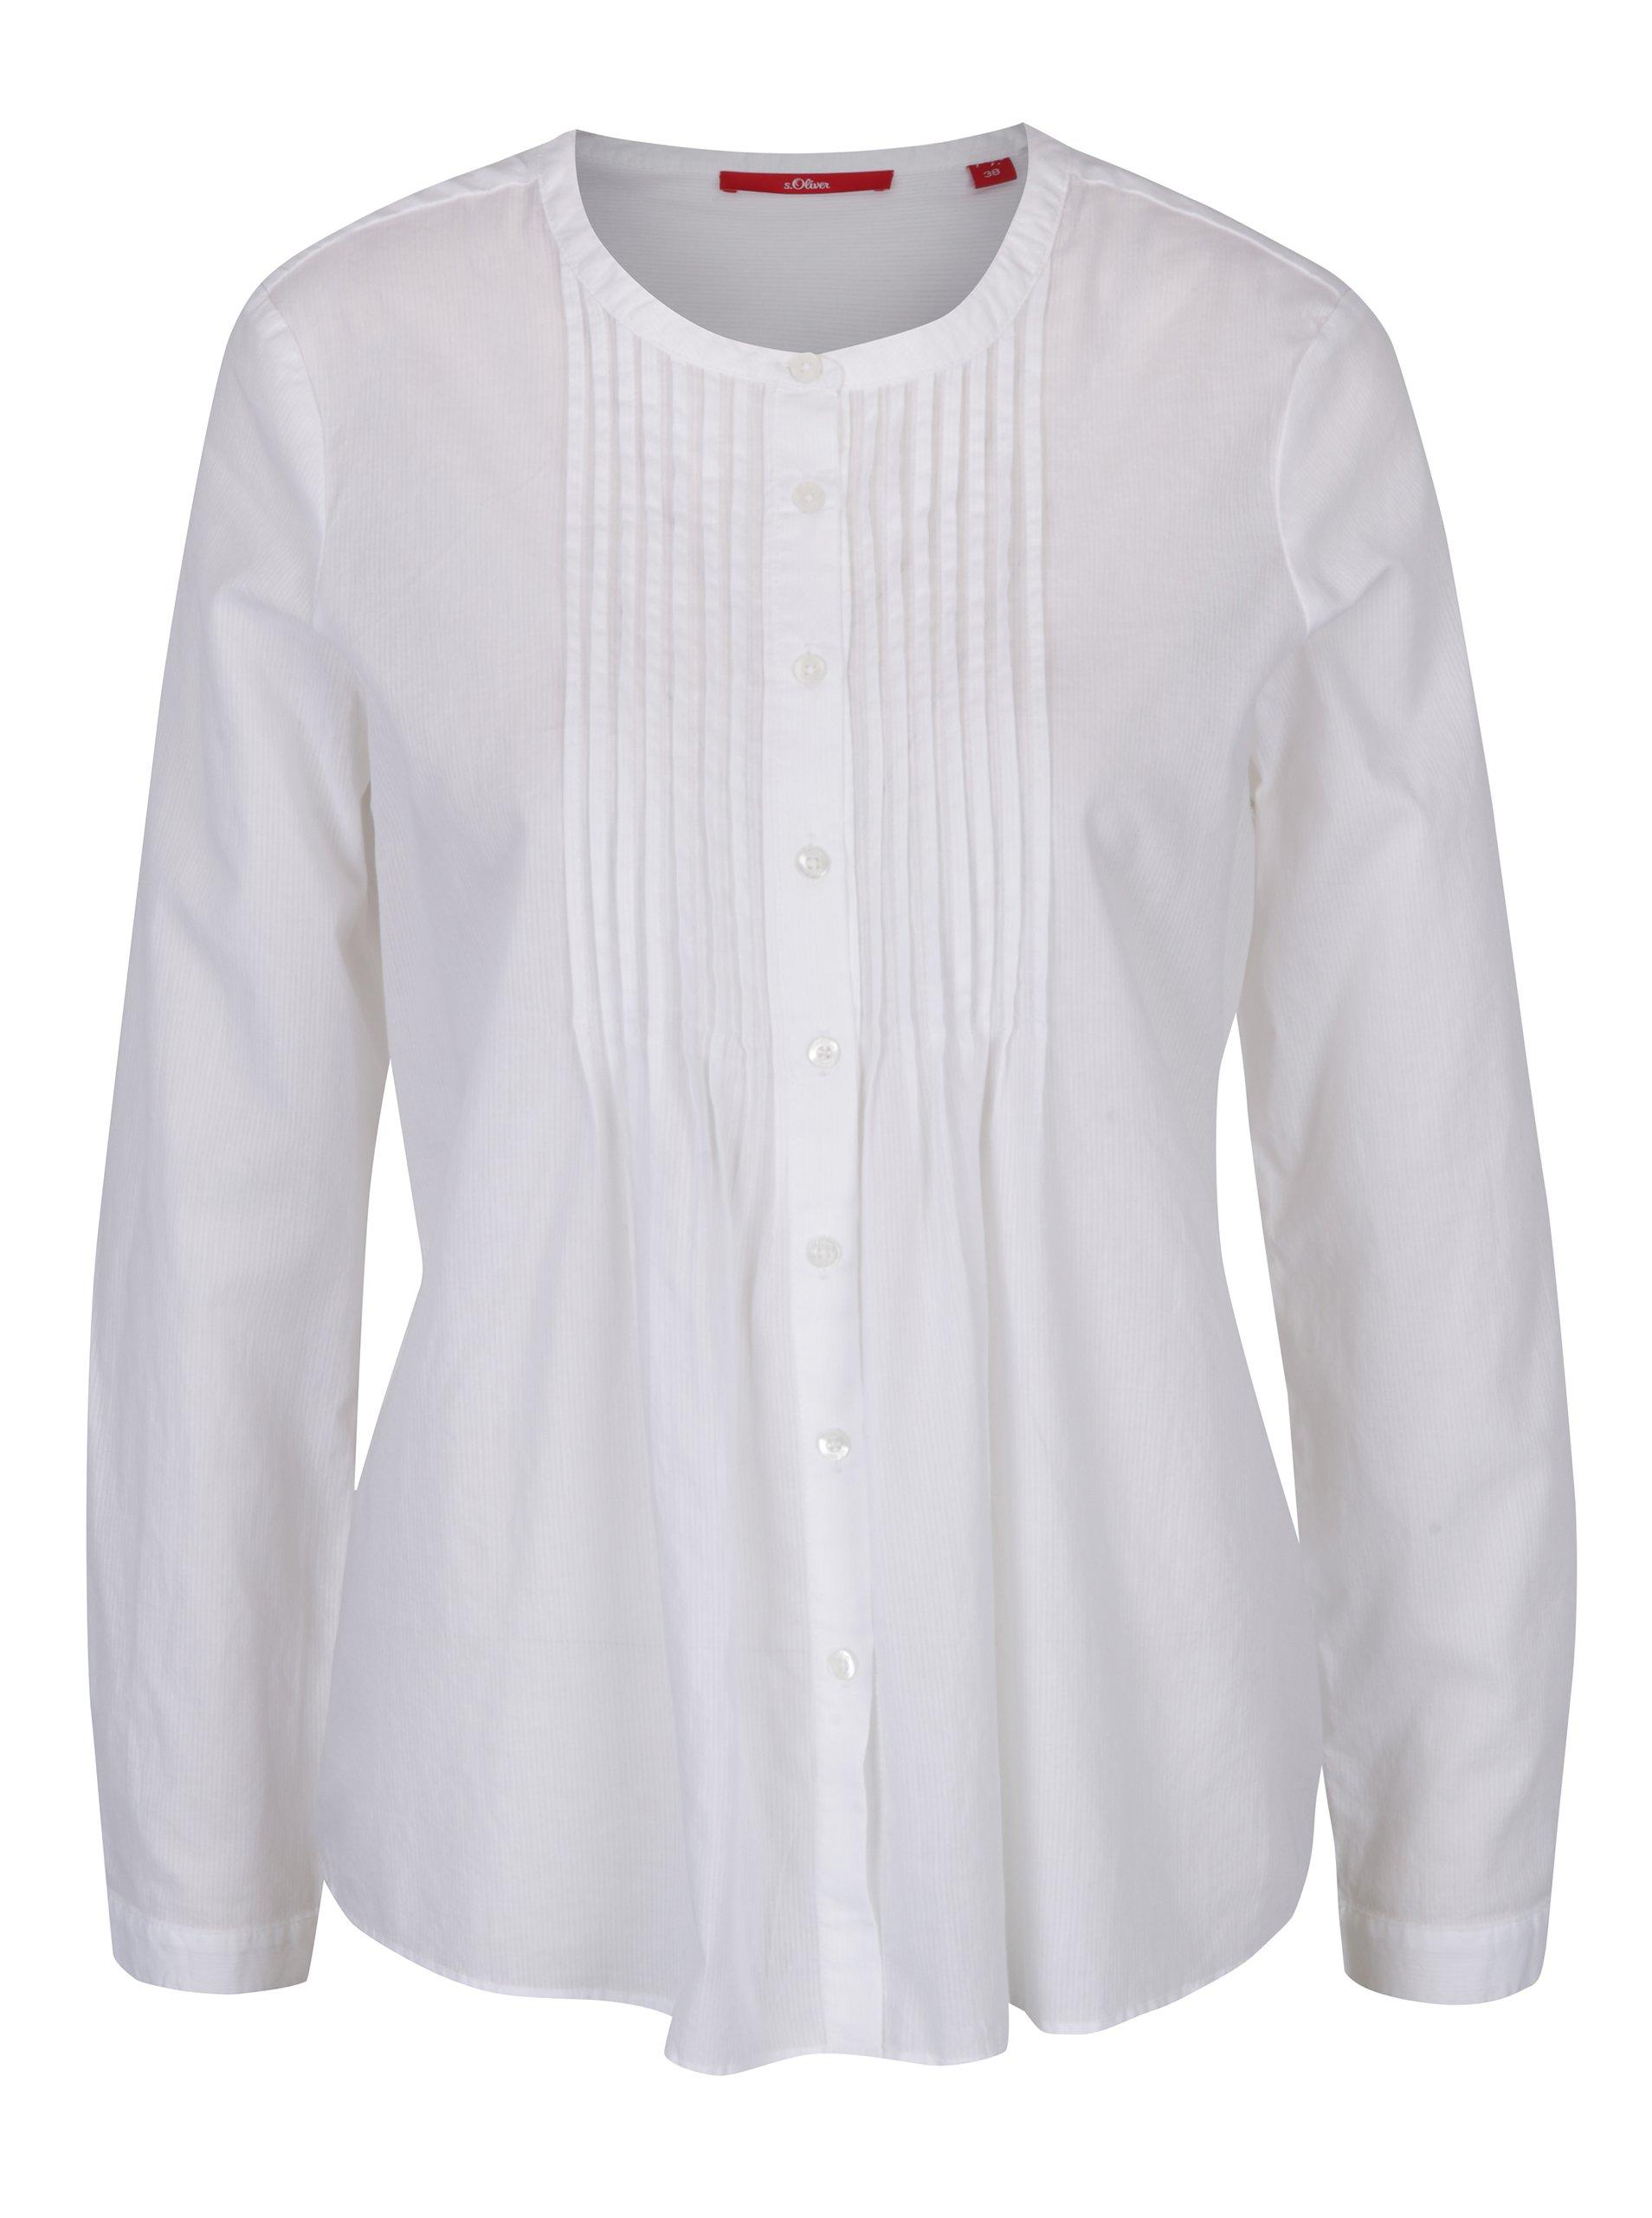 Bílá dámská košile s žebrovanými detaily s.Oliver